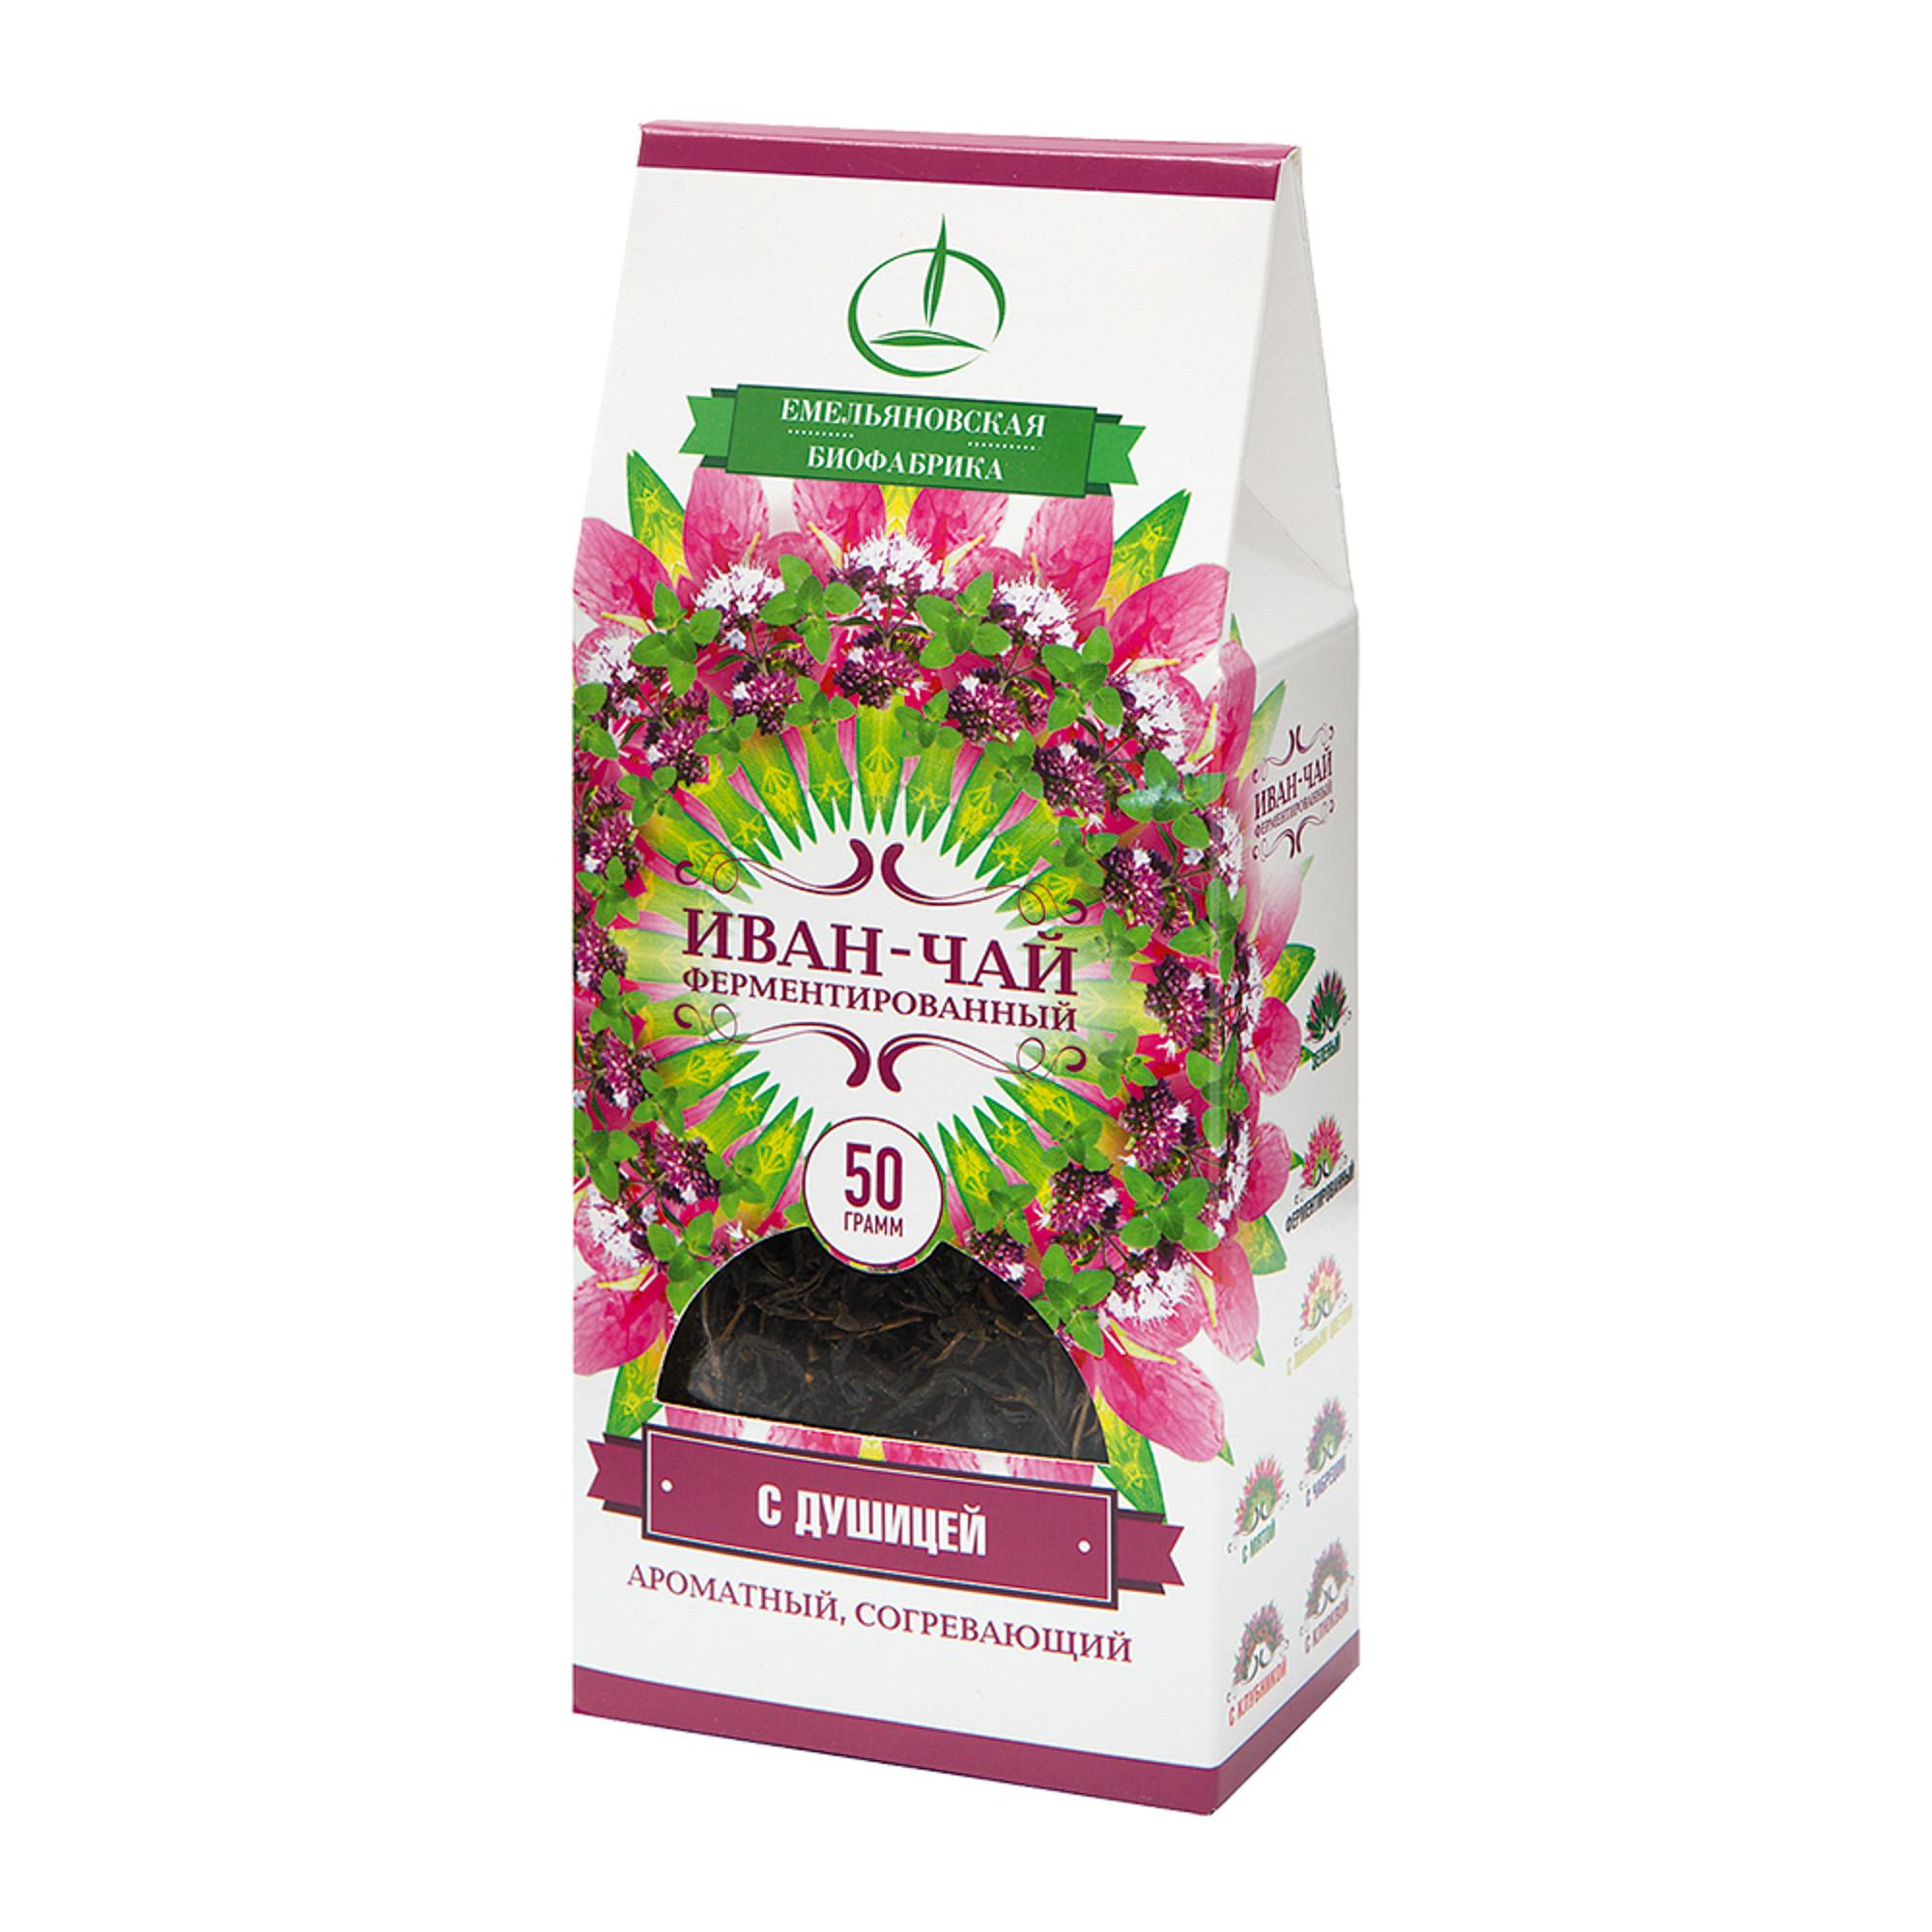 Фото - Чайный напиток Иван-чай с Душицей Ферментированный листовой 50 г напиток чайный конфуций из ягод годжи листовой 55 г